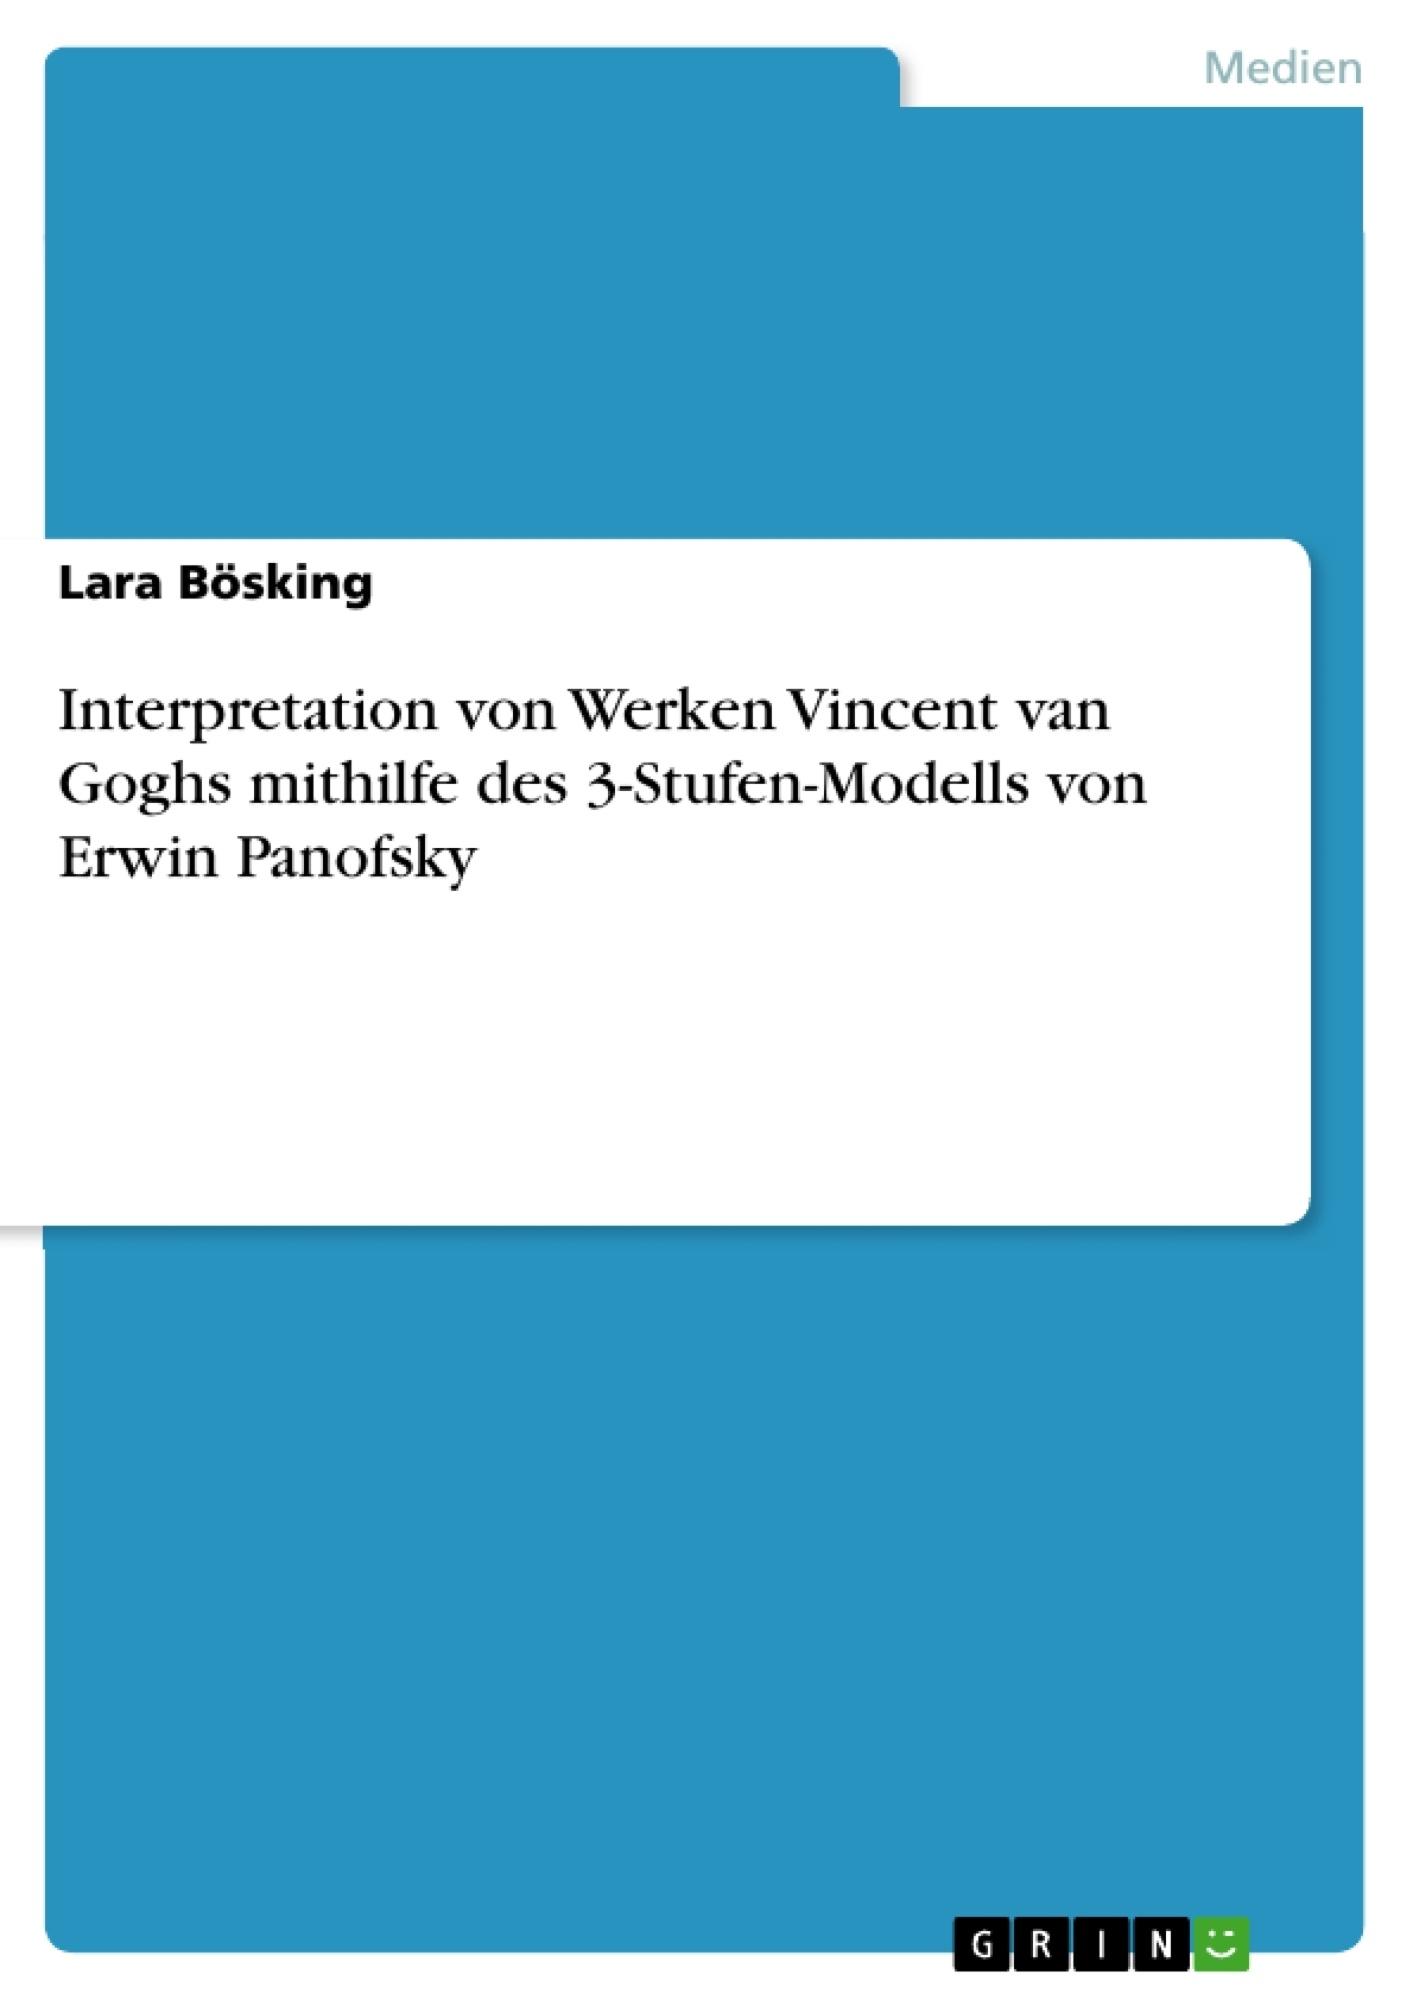 Titel: Interpretation von Werken Vincent van Goghs mithilfe des 3-Stufen-Modells von Erwin Panofsky